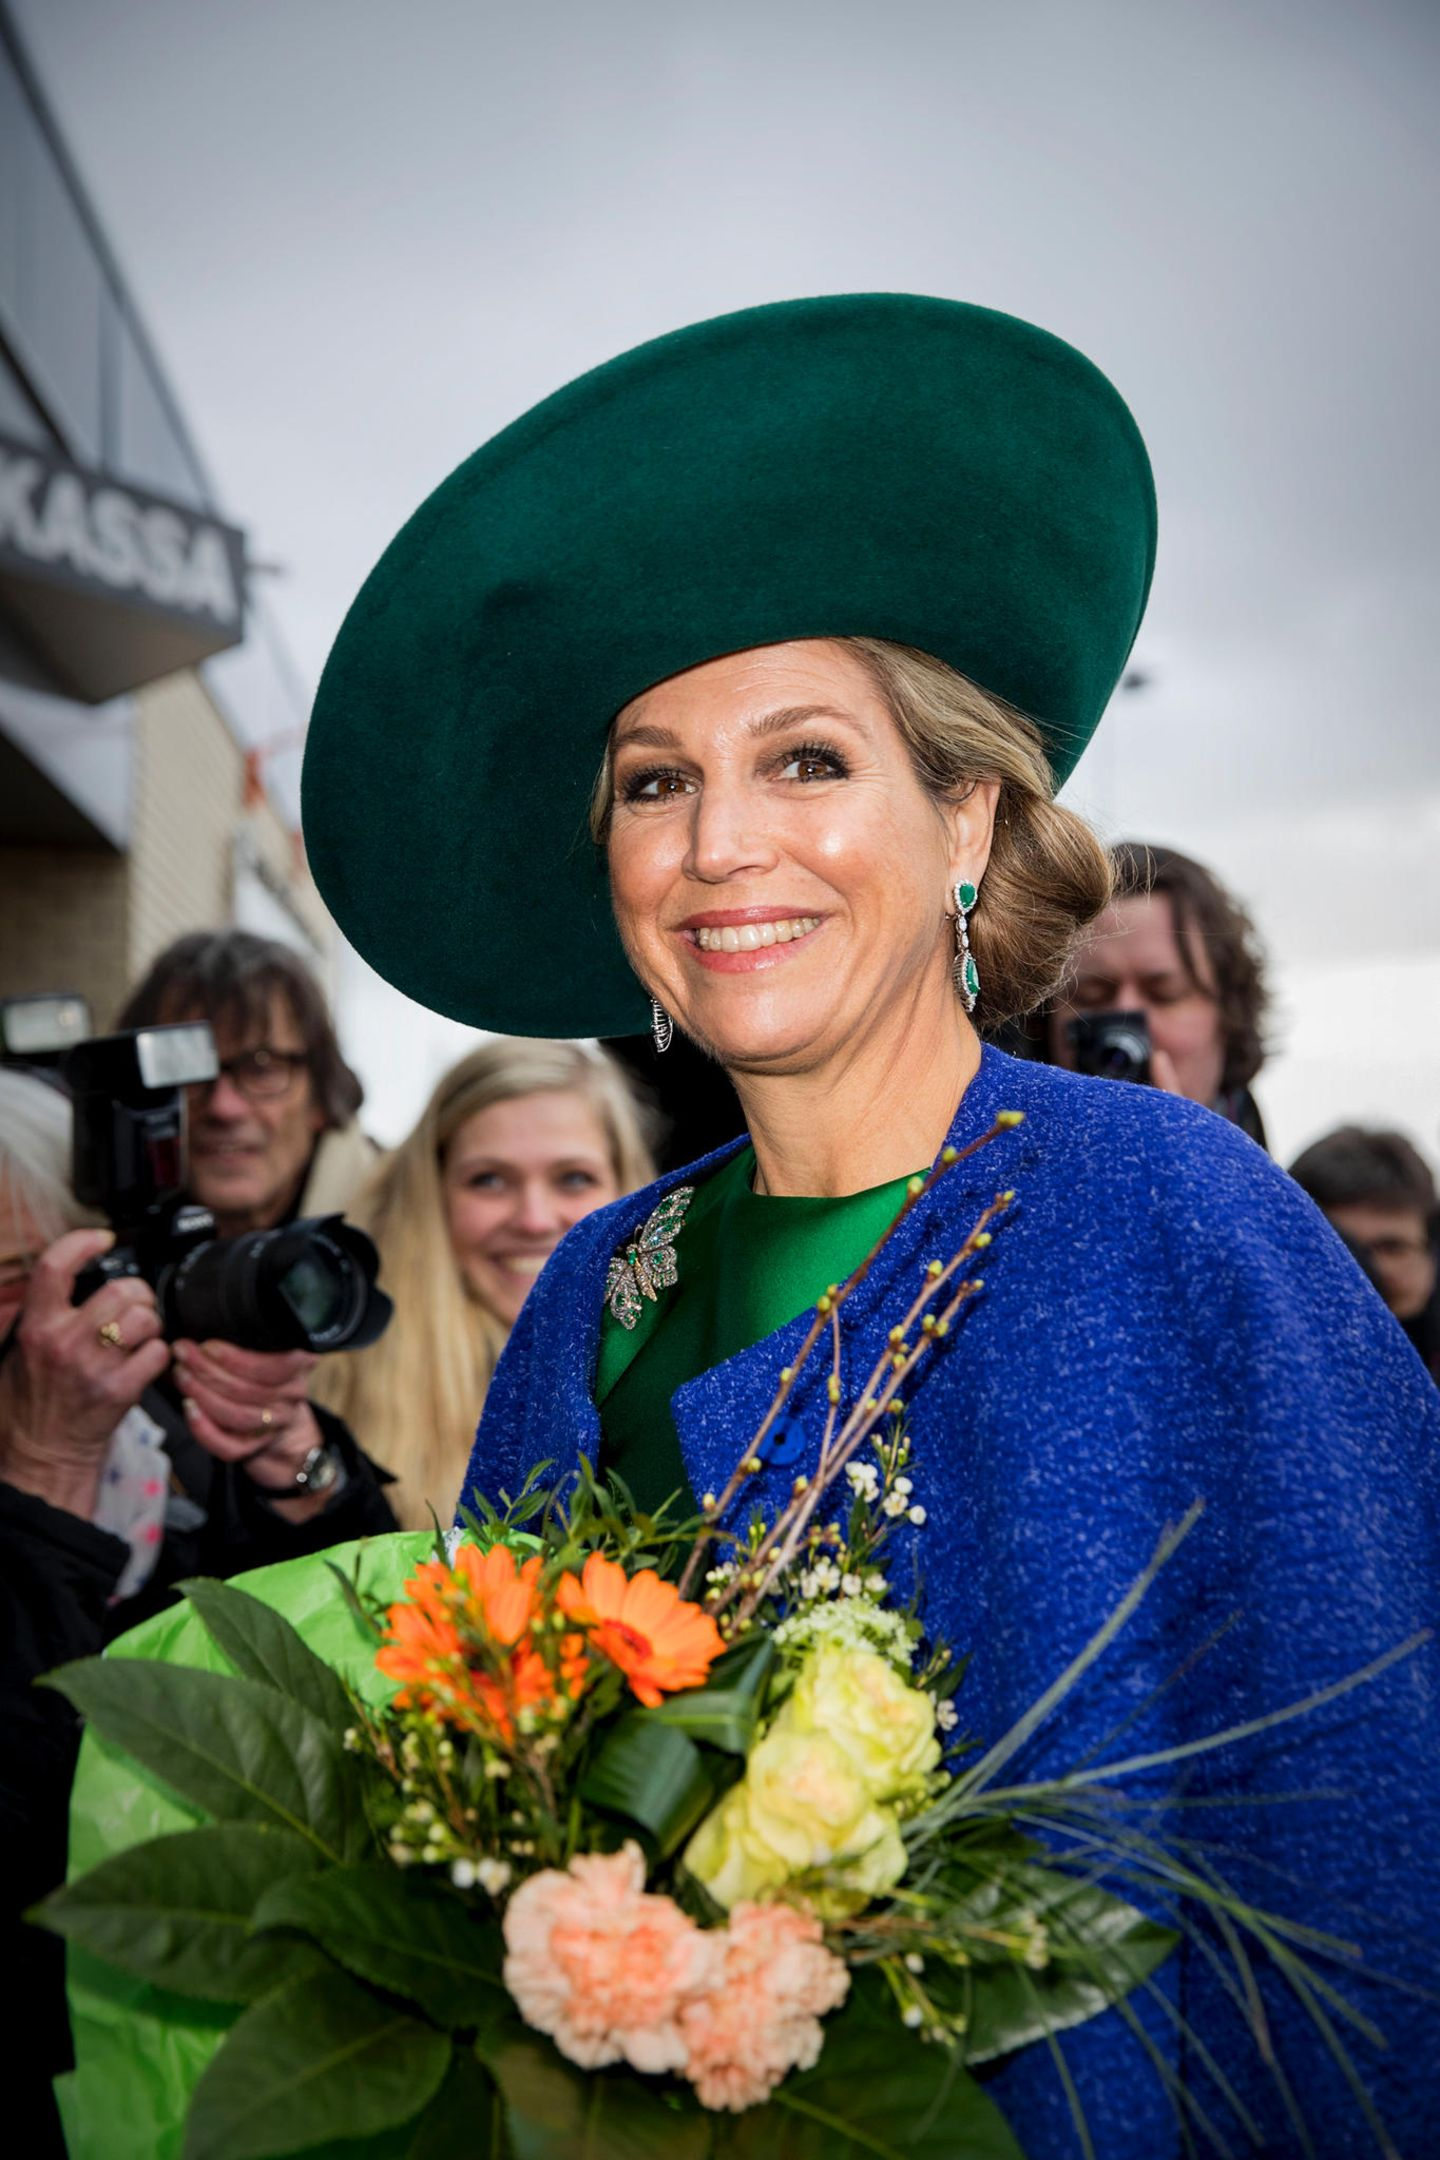 Die Argentinierin in der Niederlande: Königin Máximas schönstes Accessoire ist ihr strahlendes Lächeln.